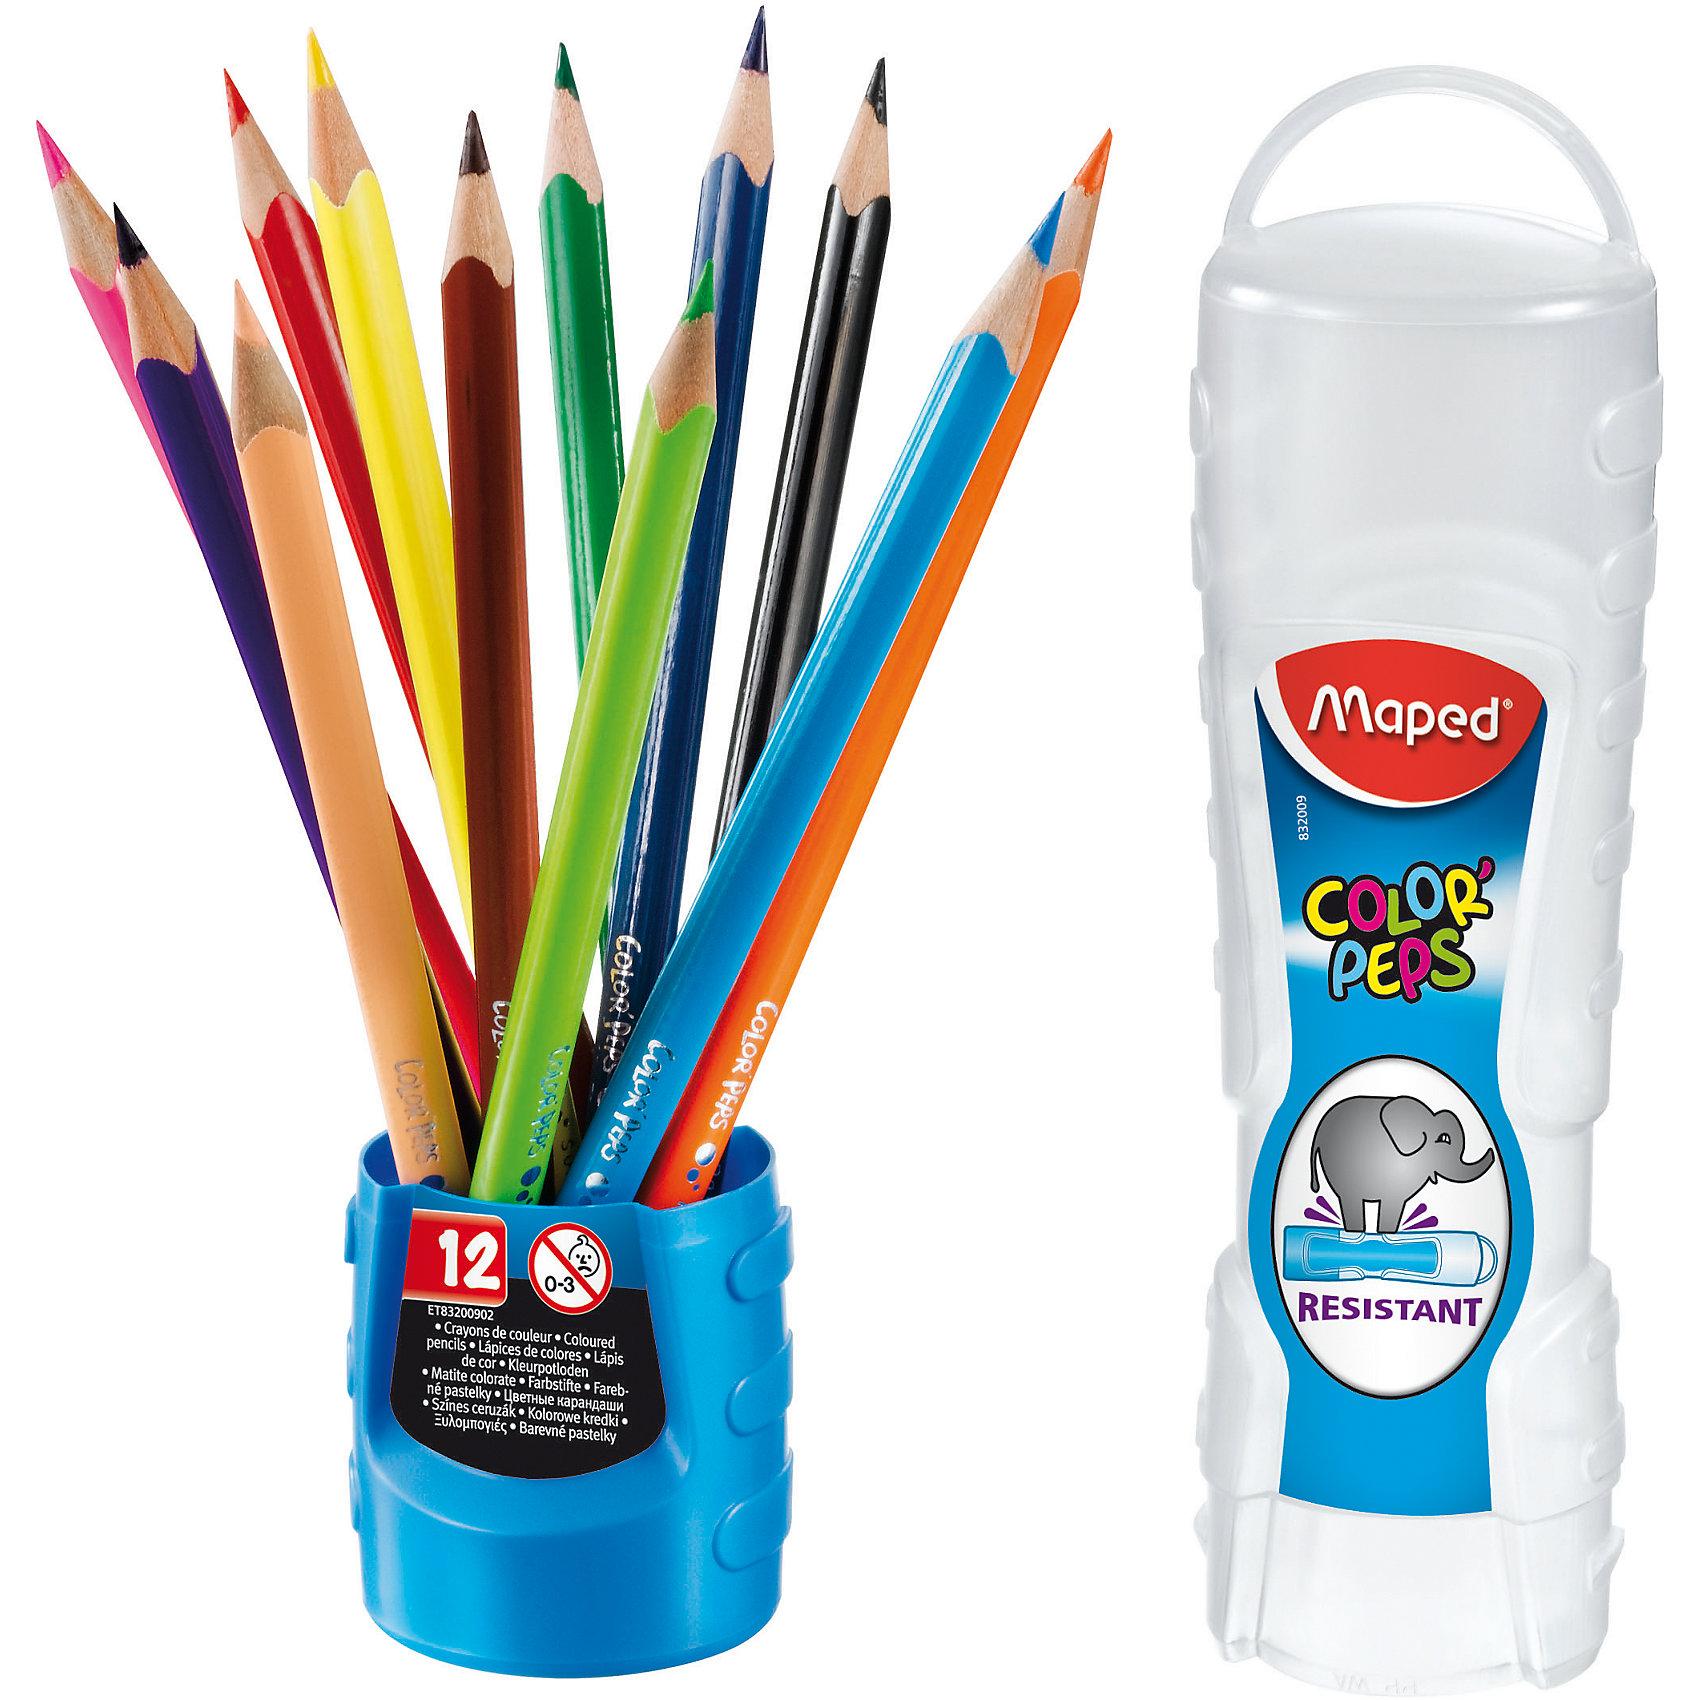 Карандаши цветные COLORPEPS, треугольные, 12 цветов, MAPEDРисование<br>Карандаши цветные COLORPEPS, треугольные, 12 цветов, MAPED (МАПЕД).<br><br>Характеристики:<br><br>• Для детей в возрасте: от 3 лет<br>• В наборе: 12 карандашей<br>• Количество цветов: 12<br>• Длина карандаша: 17,5 см.<br>• Диаметр карандаша: 7 мм.<br>• Диаметр грифеля: 2,9 мм.<br>• Изготовлены из древесины американской липы<br>• Упаковка: пластиковый пенал-тубус<br>• Размер упаковки: 202х45х45 мм.<br>• Вес: 78 гр.<br><br>Набор цветных карандашей Color Peps идеален для раскрашивания и рисования. Набор содержит 12 карандашей, ярких насыщенных цветов. Карандаши имеют мягкий, ударопрочный грифель.Эргономичная треугольная форма позволяет легко и удобно держать карандаш в руке даже самым маленьким. Карандаши не трескаются и легко затачиваются. Корпус карандашей изготовлен из древесины американской липы. Карандаши упакованы в удобный ударопрочный пенал-тубус, который компактно размешается в школьном ранце, а при необходимости легко превращается в стаканчик для карандашей.<br><br>Карандаши цветные COLORPEPS, треугольные, 12 цветов, MAPED (МАПЕД) можно купить в нашем интернет-магазине.<br><br>Ширина мм: 202<br>Глубина мм: 48<br>Высота мм: 470<br>Вес г: 99<br>Возраст от месяцев: 36<br>Возраст до месяцев: 2147483647<br>Пол: Унисекс<br>Возраст: Детский<br>SKU: 5530026